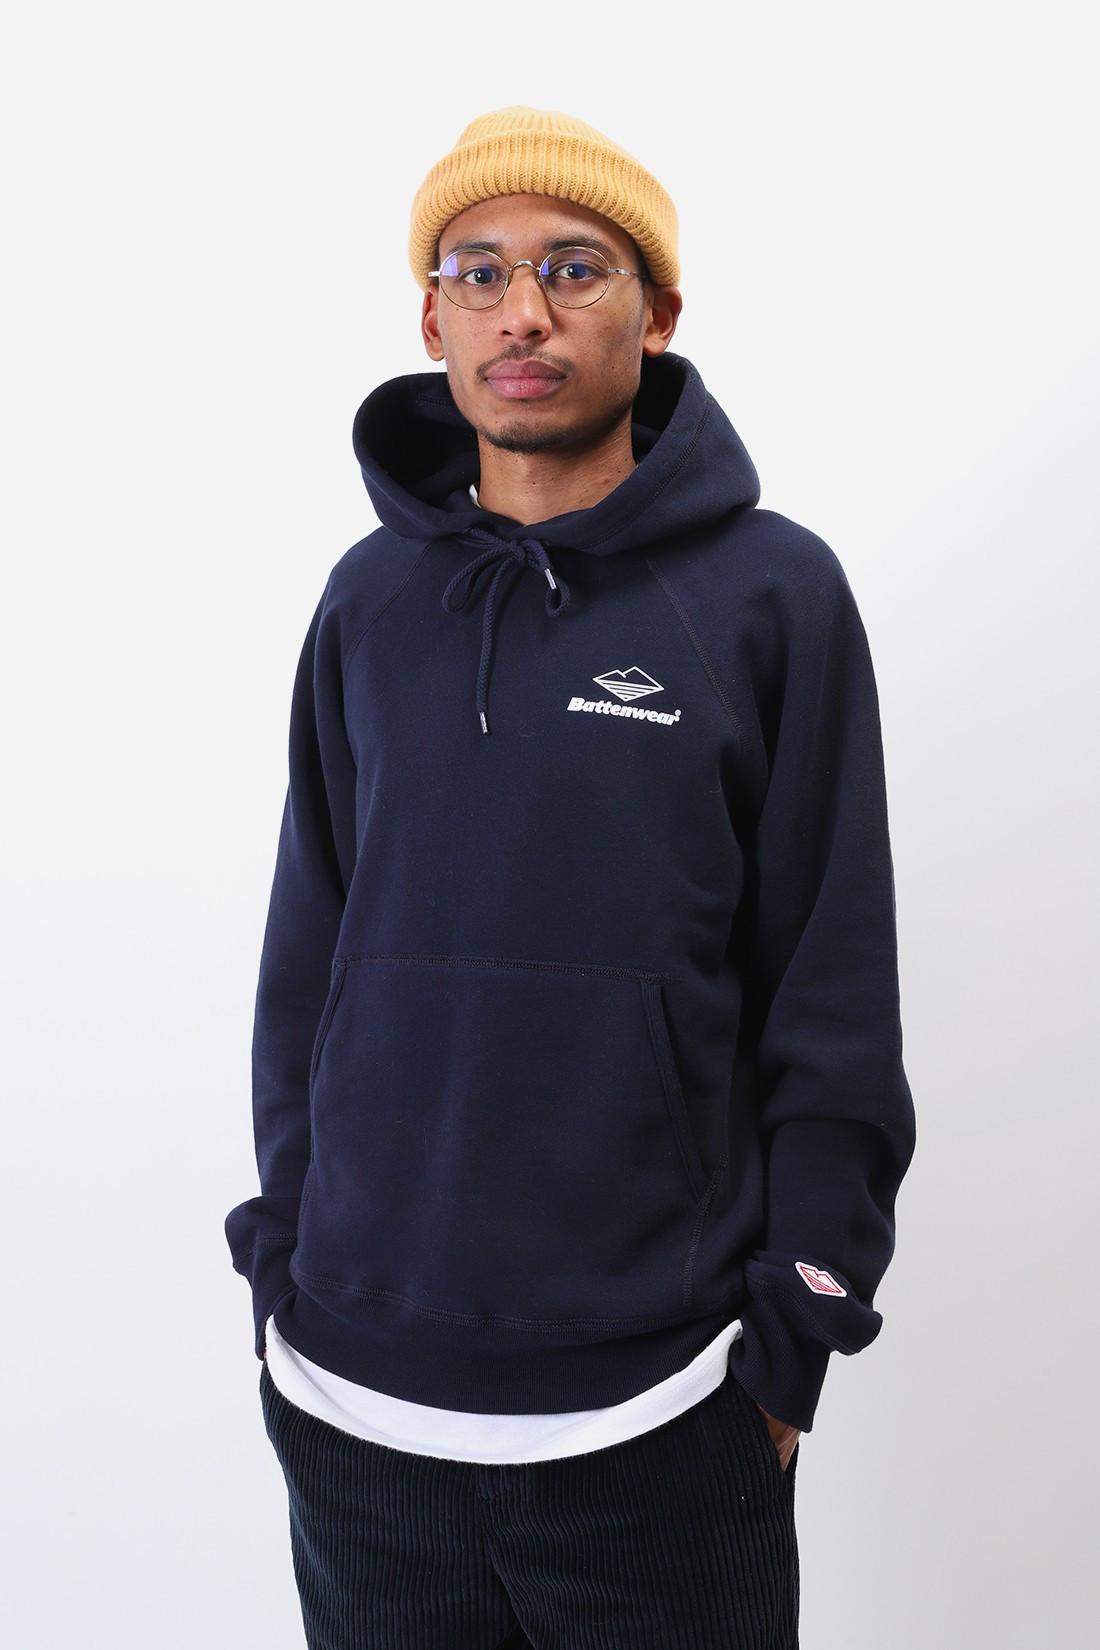 BATTENWEAR / Team reach up hoodie Midnight navy